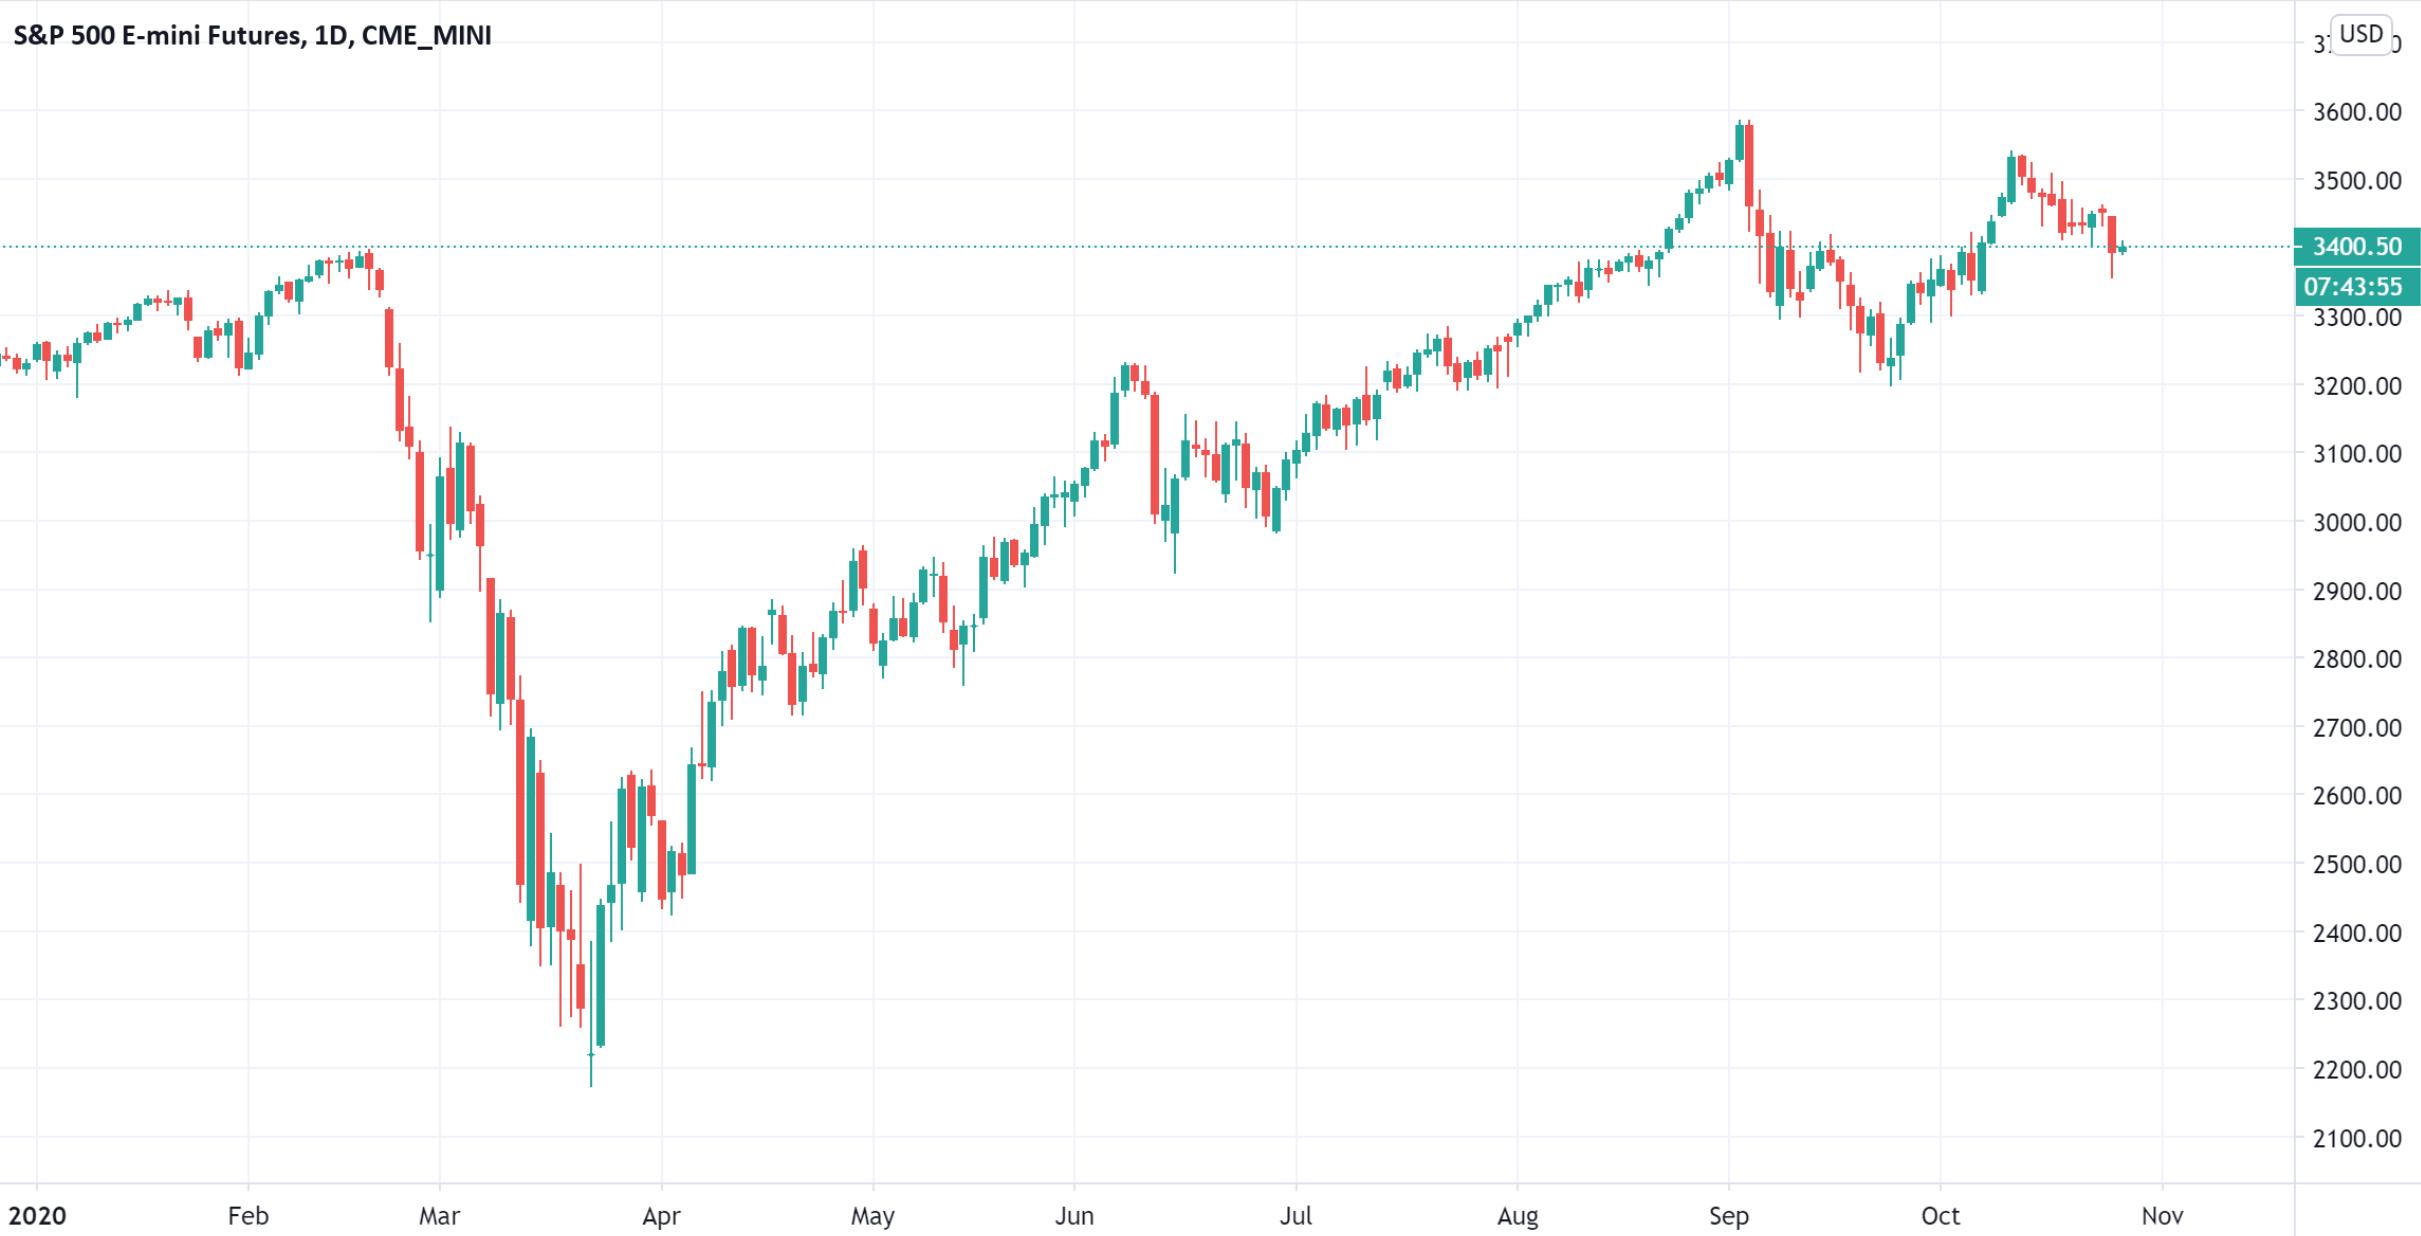 """华尔街老兵莫比乌斯:担忧标普500指数正走出""""双顶""""趋势"""